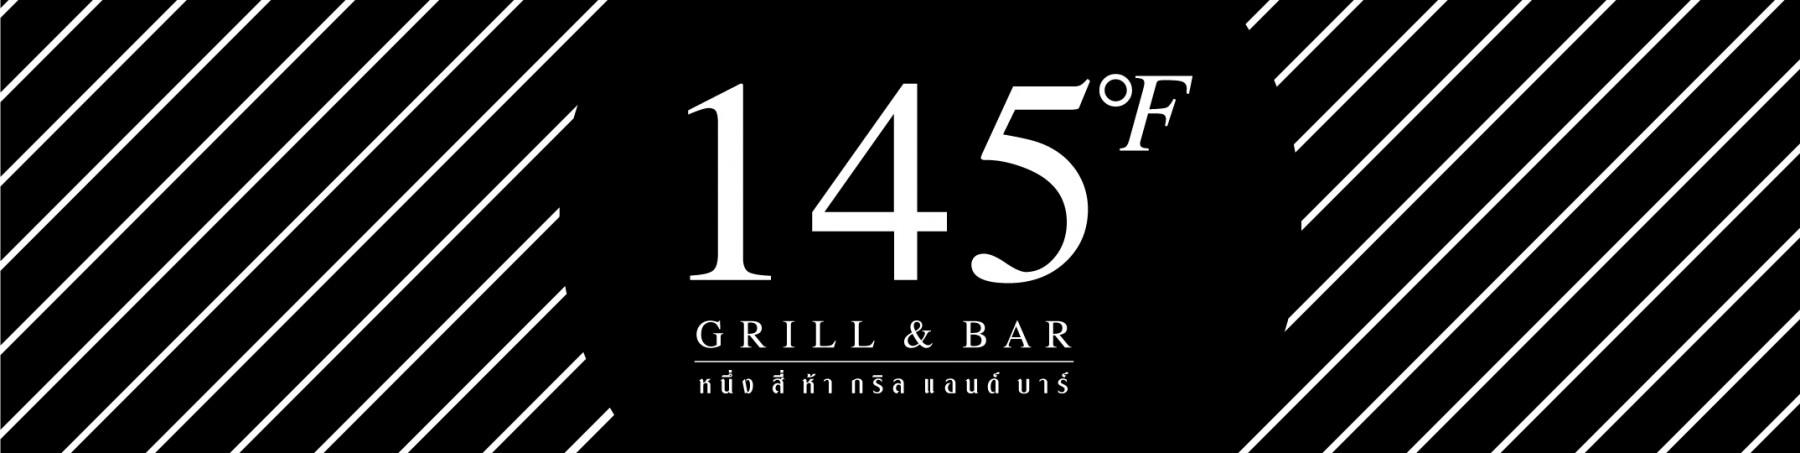 145f-grill-bar